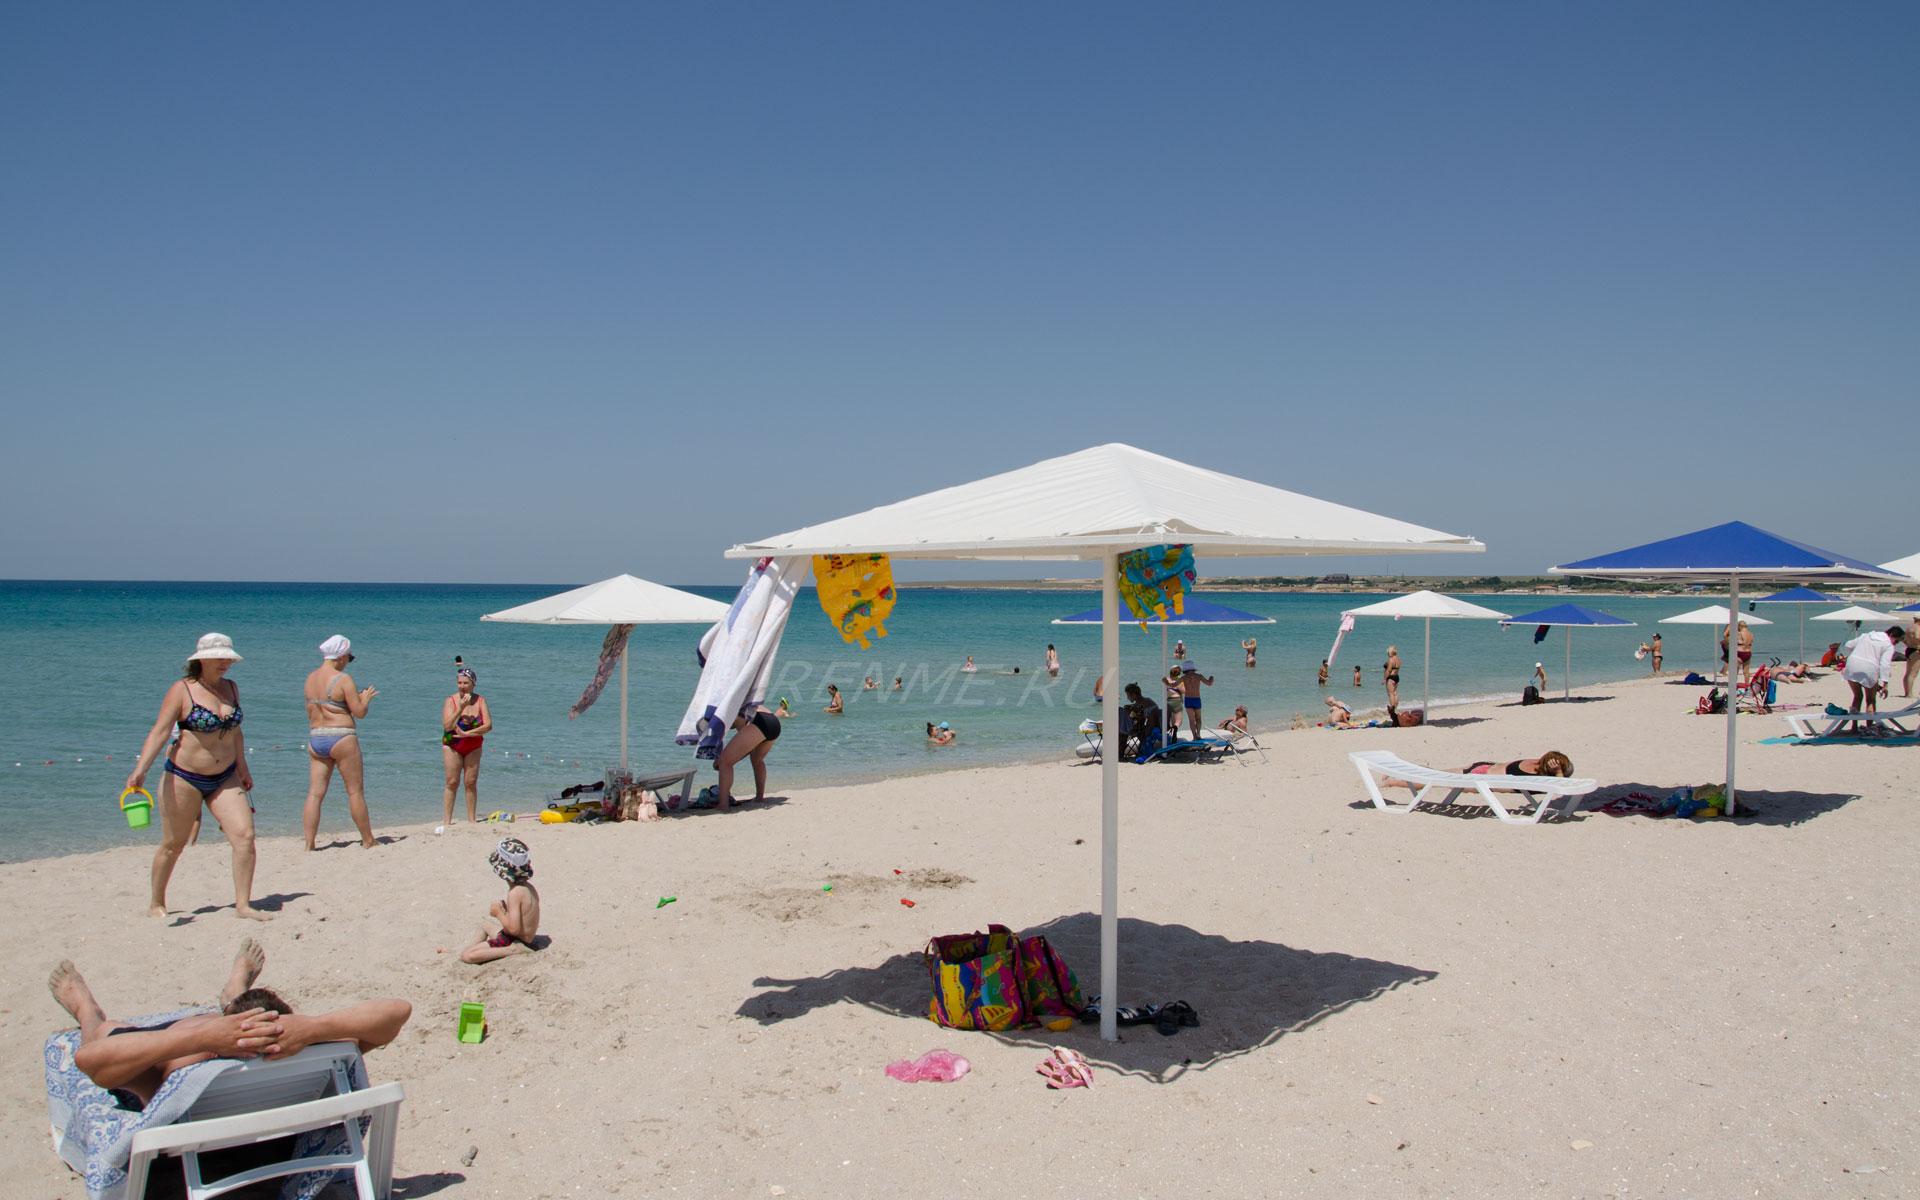 Черное море с песчаным пляжем. Фото Оленевки